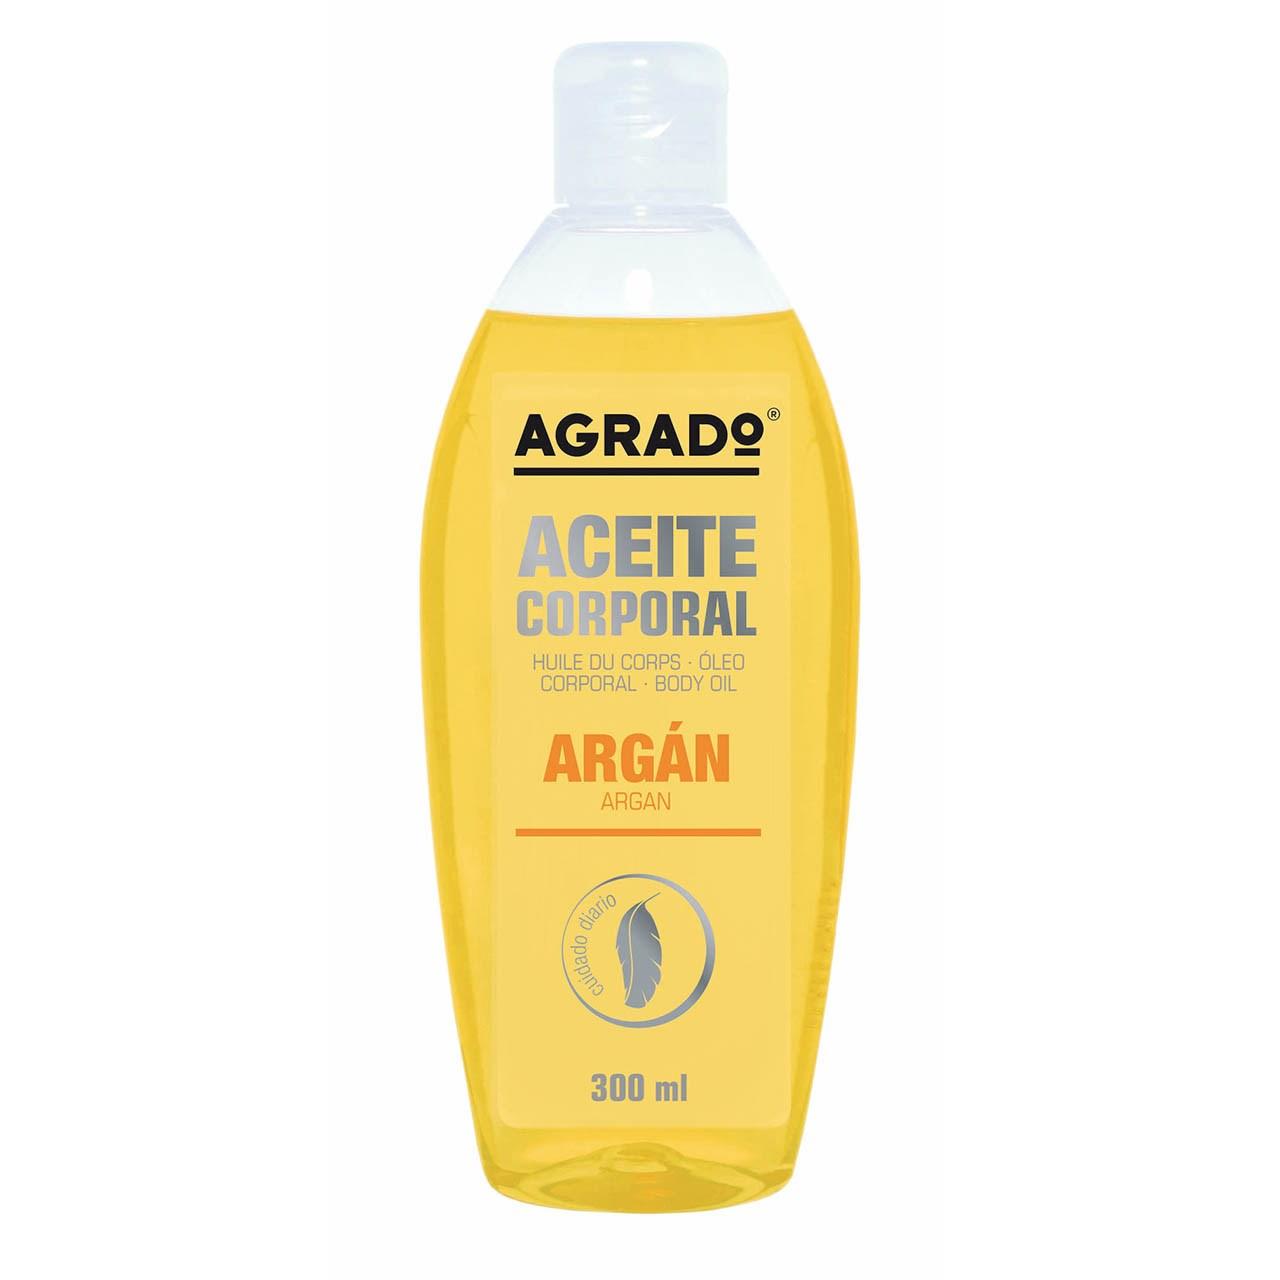 روغن روان کننده و نرم کننده آگرادو مدل Argan حجم 300 میلی لیتر